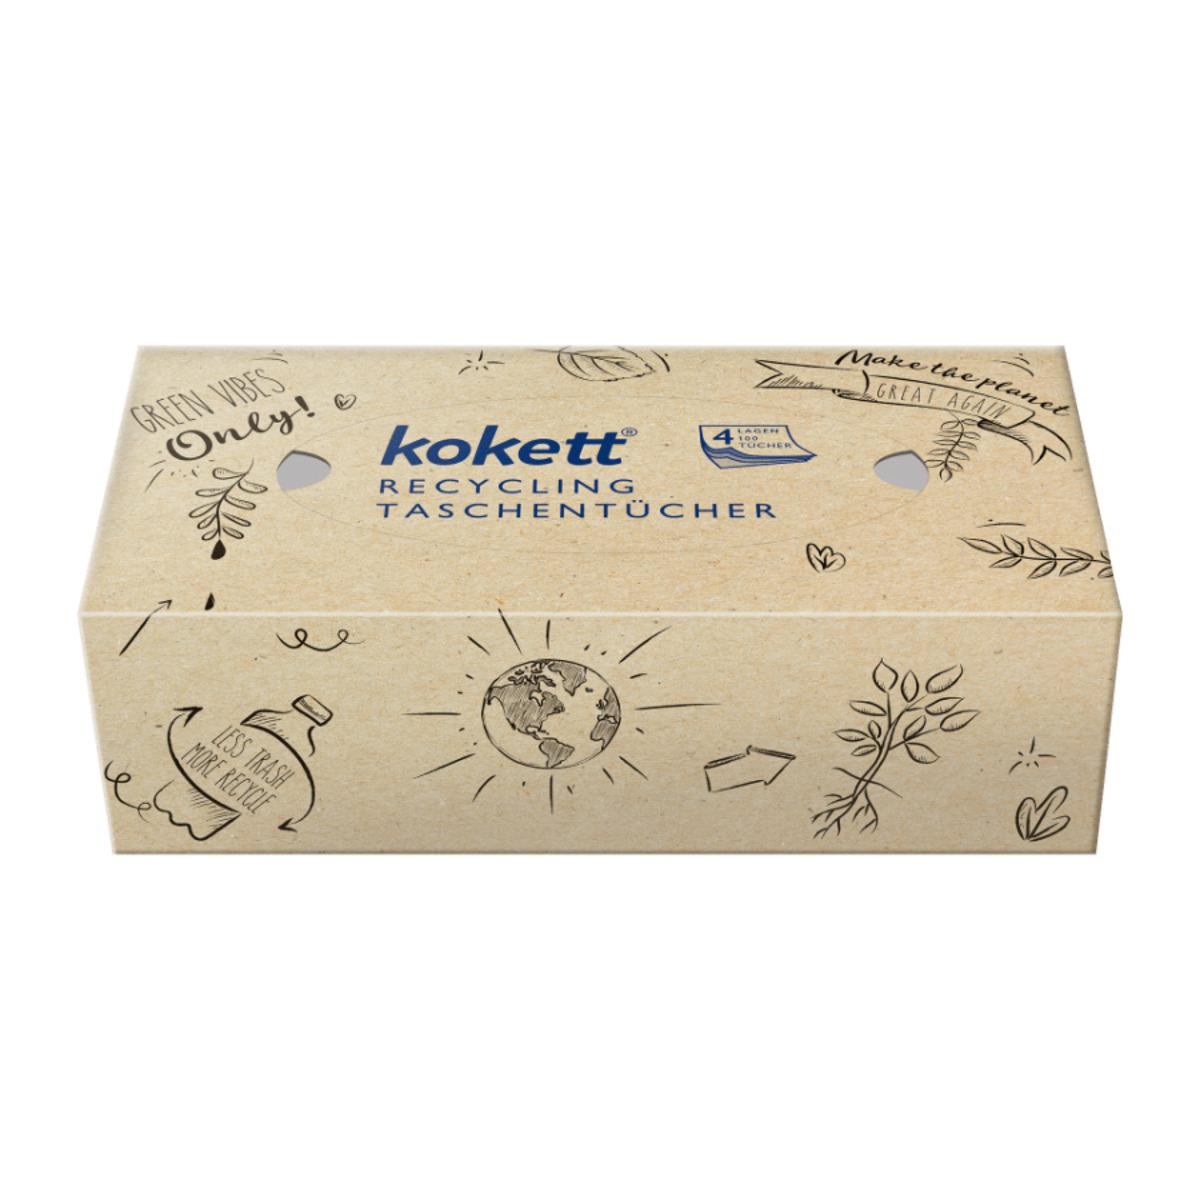 Bild 4 von KOKETT     Recycling Taschentücher-Box